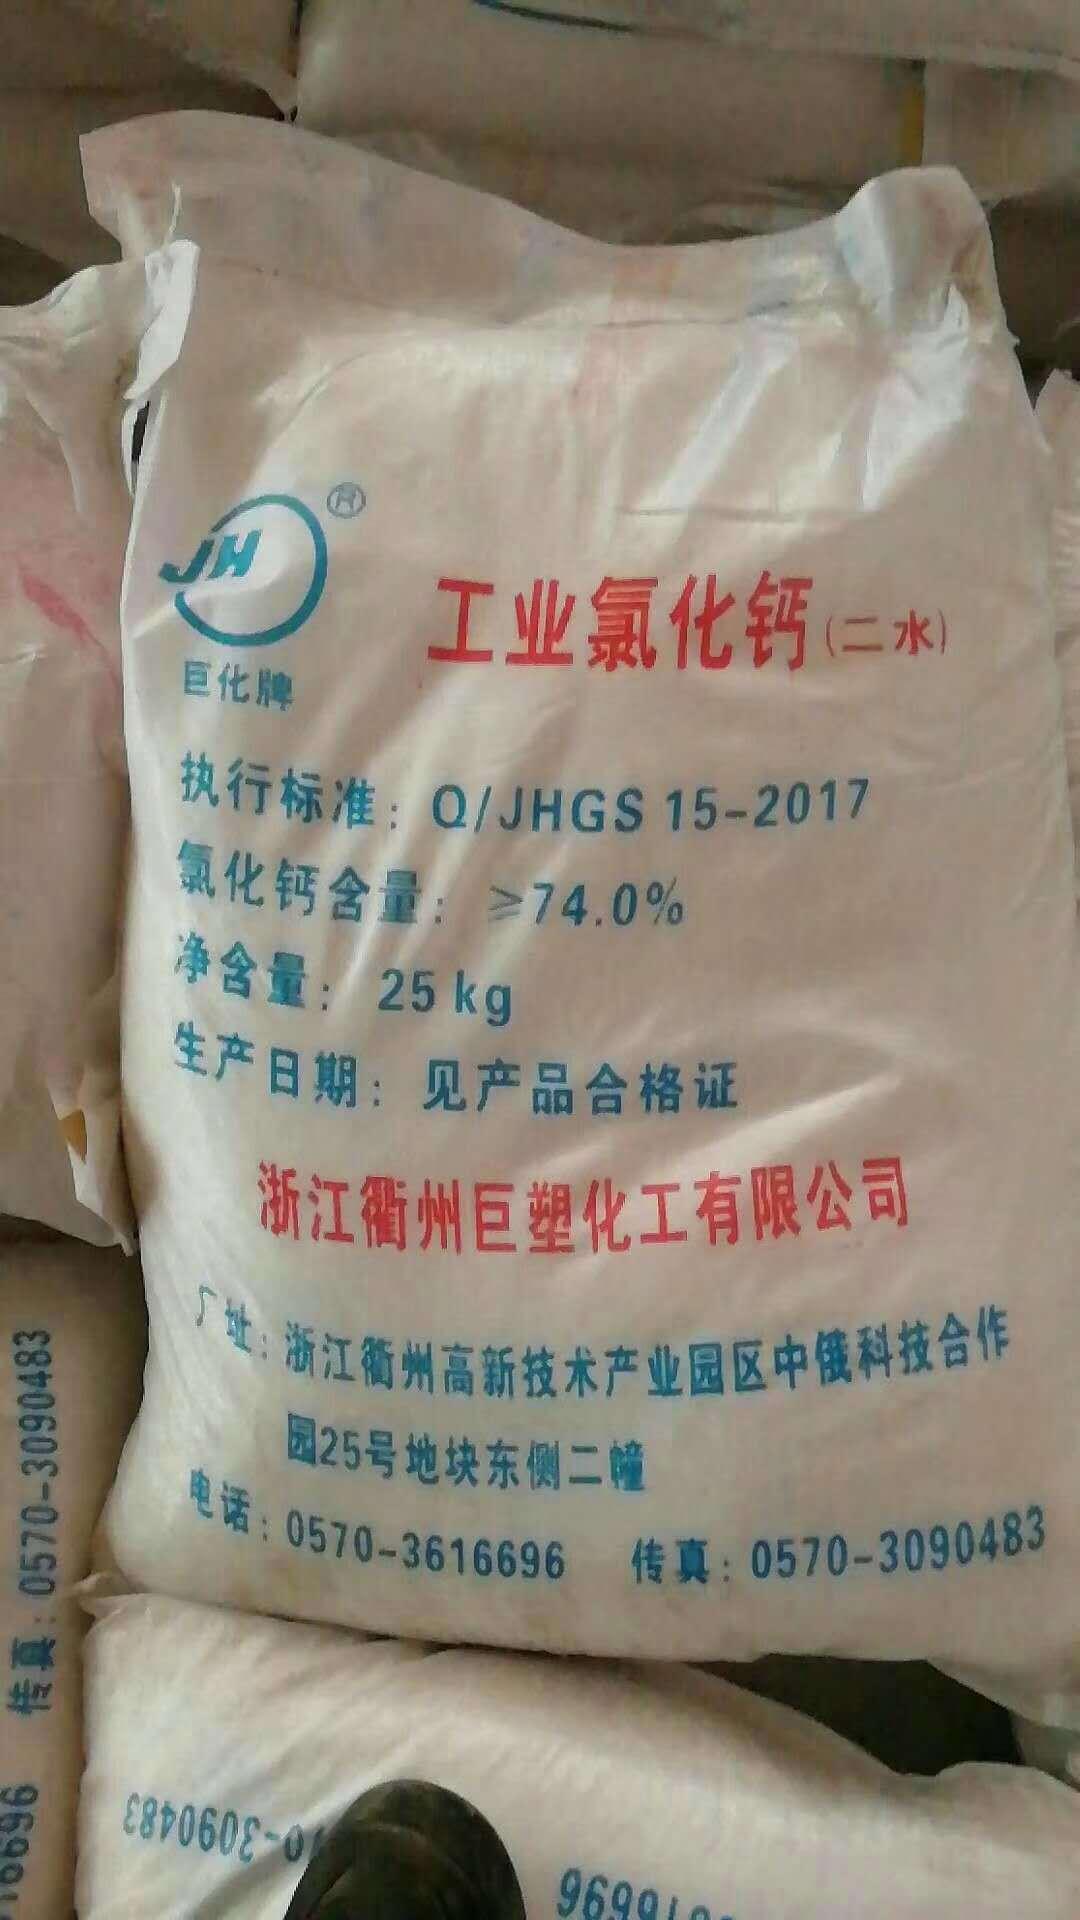 浙江工厂直发片状二水氯化钙74巨化二水氯化钙工业级免费拿样示例图3